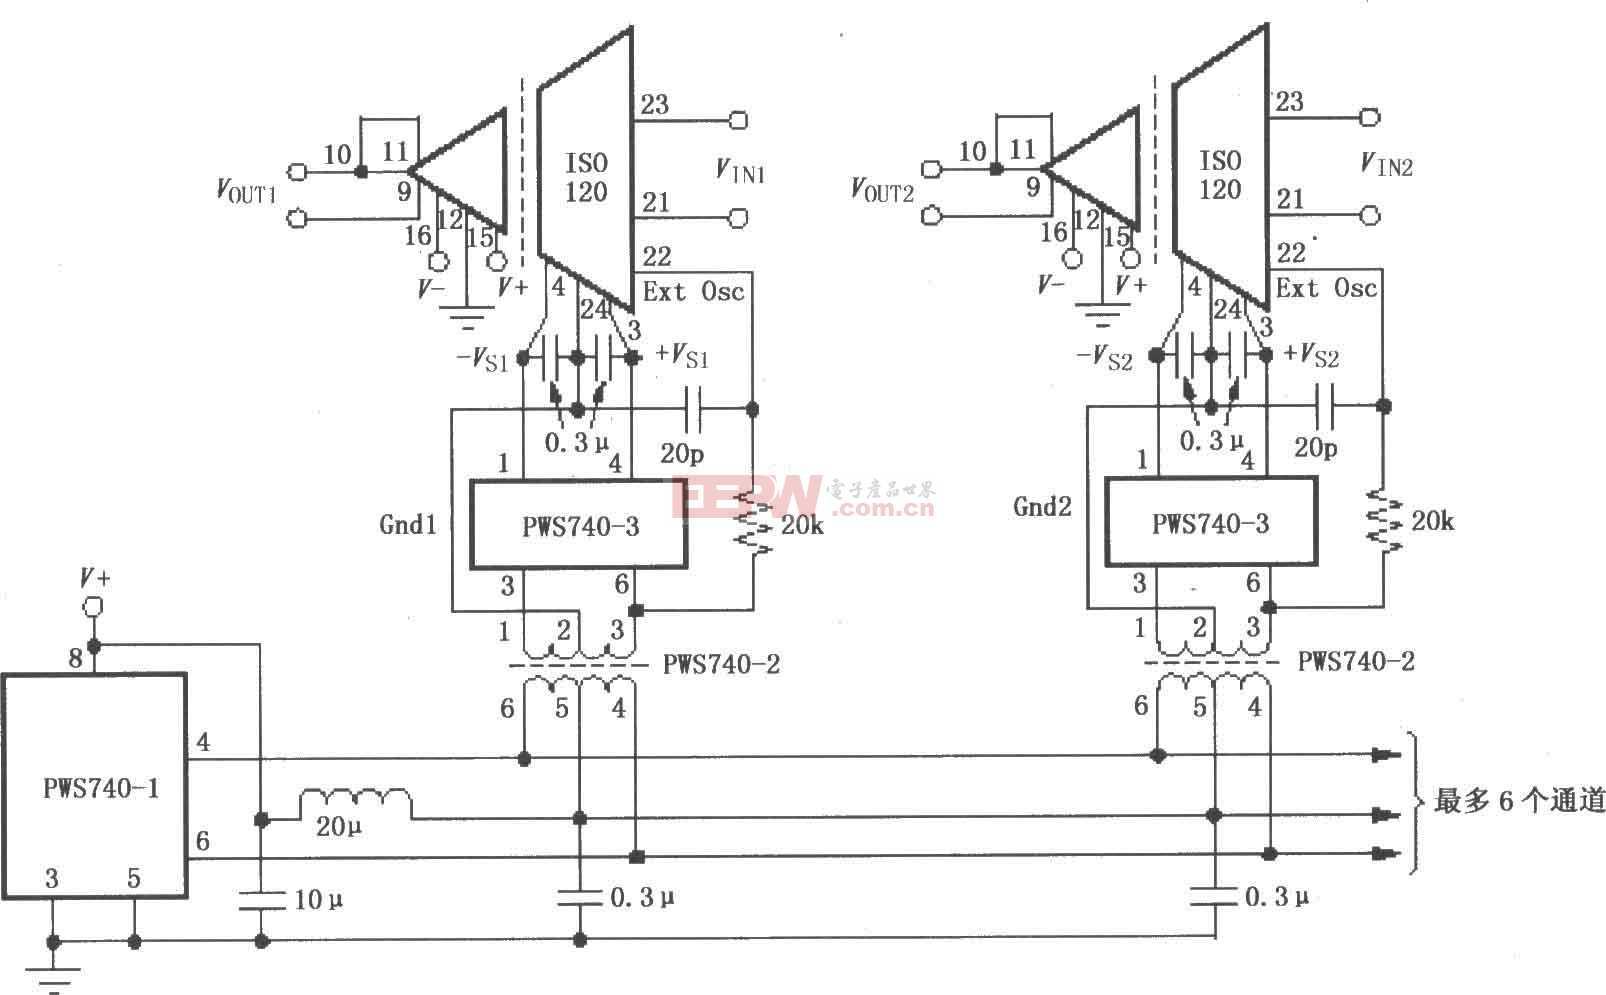 ISO120与PWS740构成的多通道同步隔离系统电路